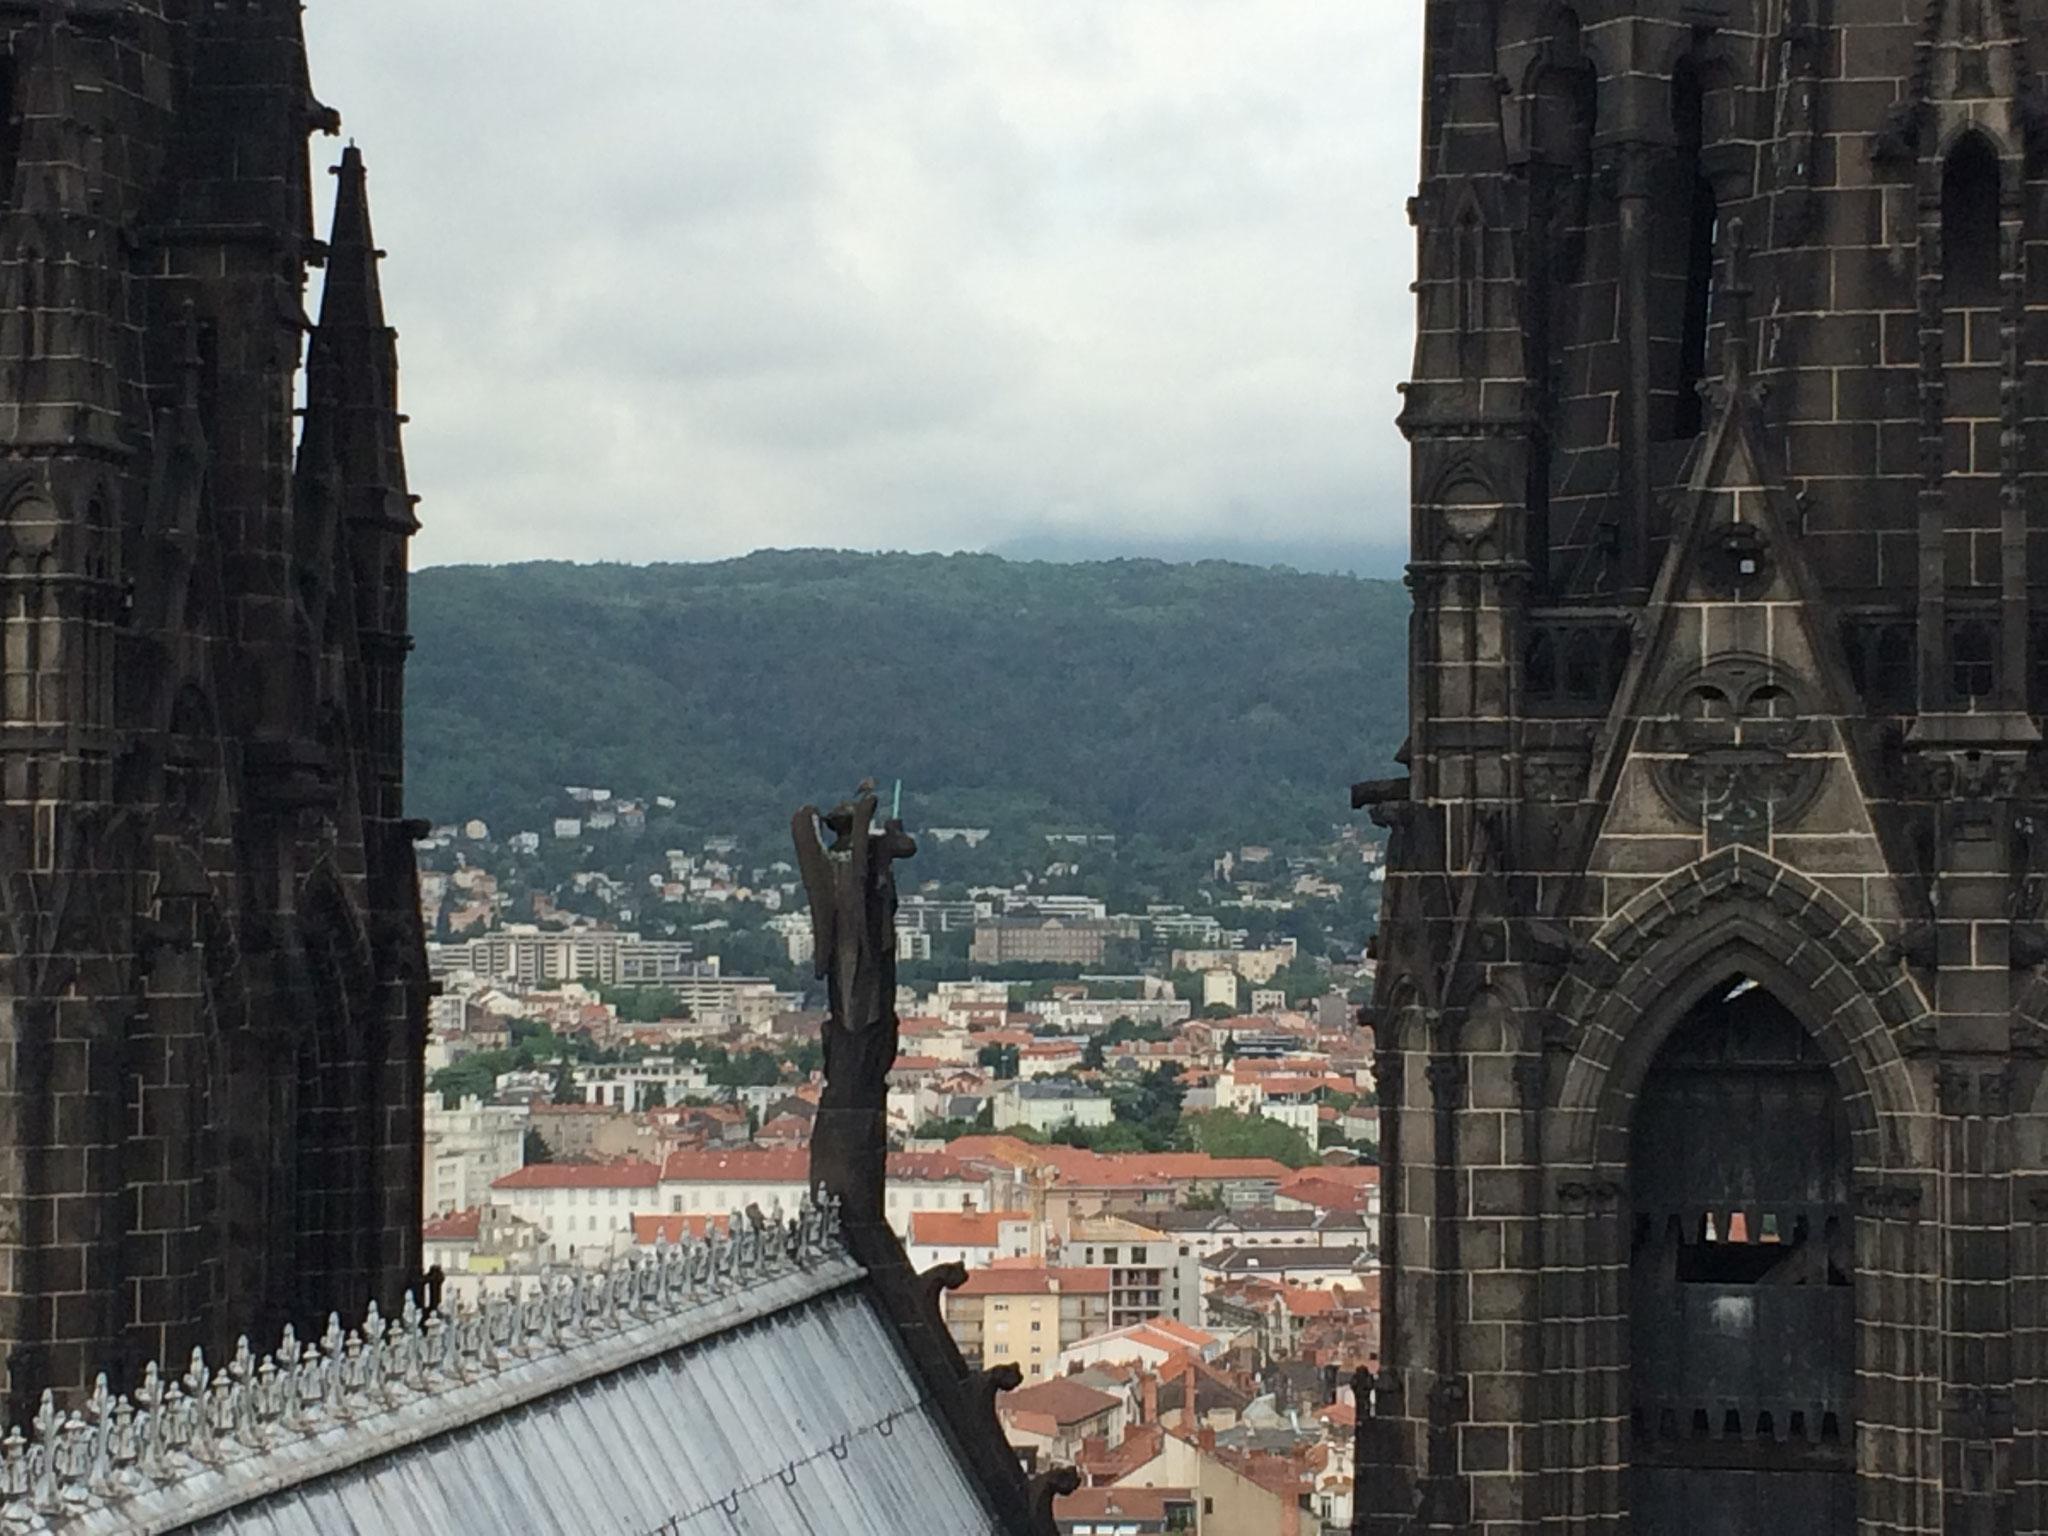 En haut de la tour de la Bayette de la cathédrale de Clermont-Ferrand, à 15 minutes des chambres d'hôtes de la Villa Victoria Auvergne. Le Puy-de-Dôme est caché !